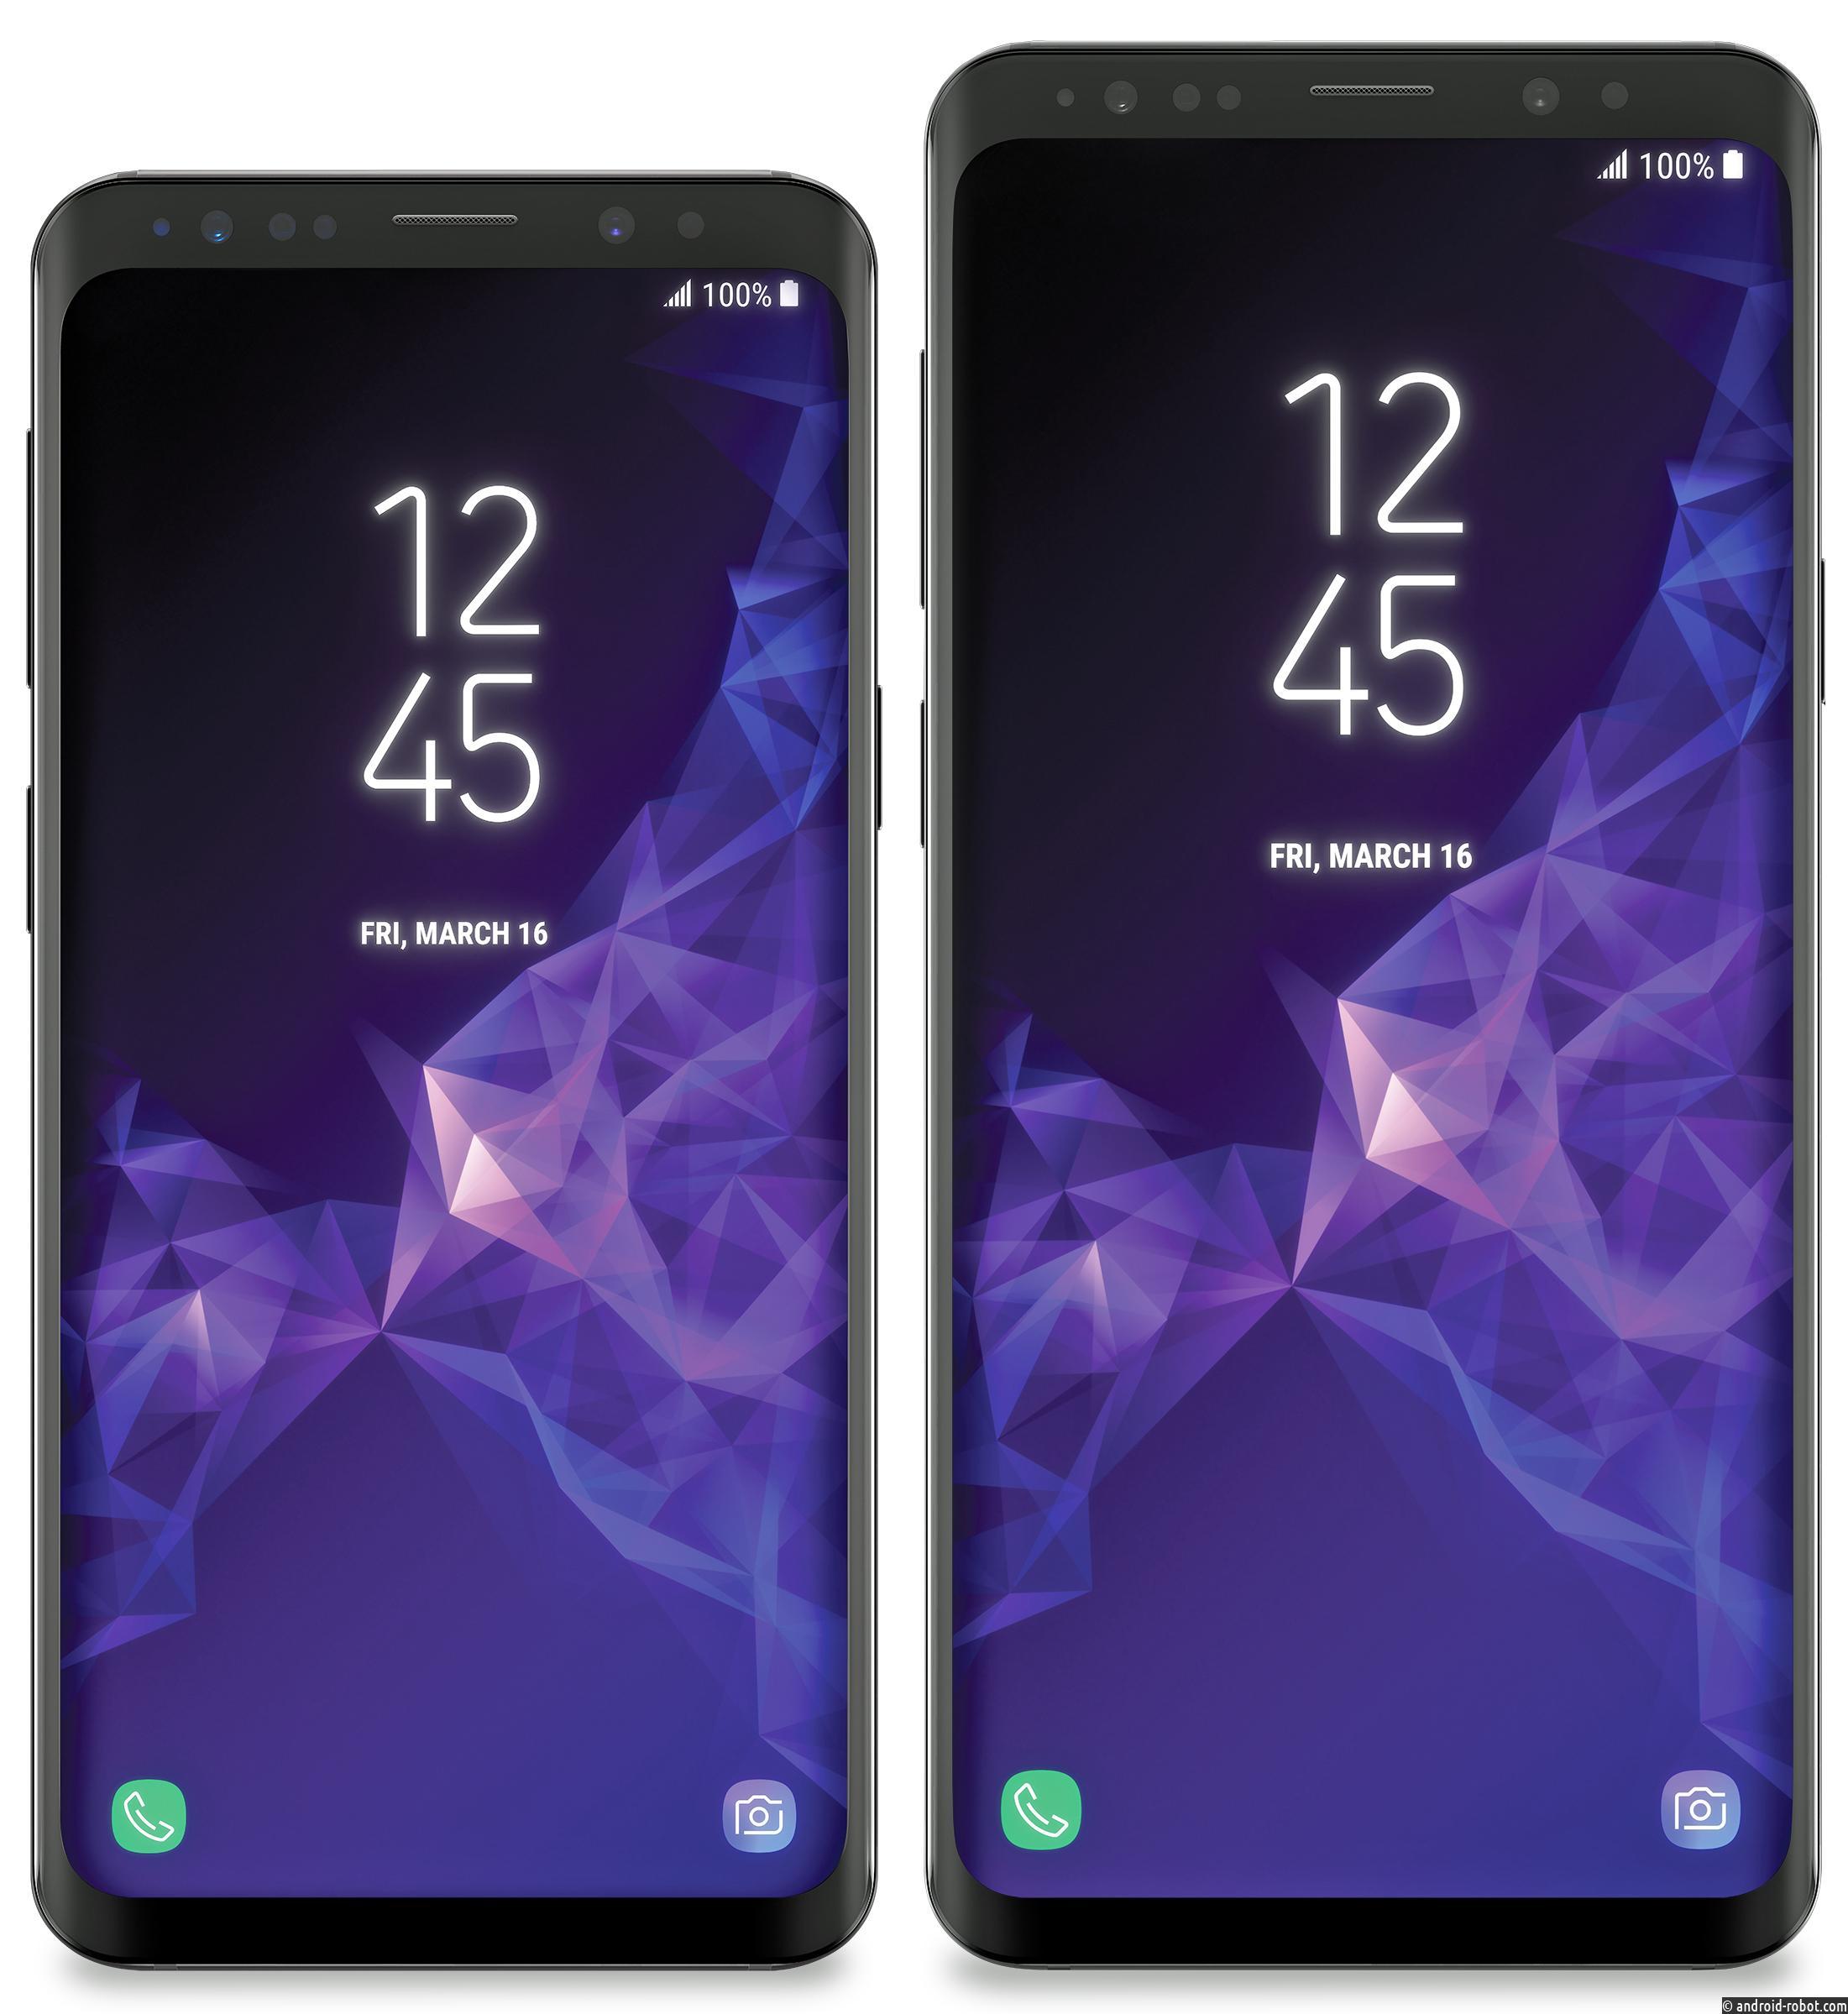 Вweb-сети появились первые изображения Самсунг Galaxy S9 иS9+